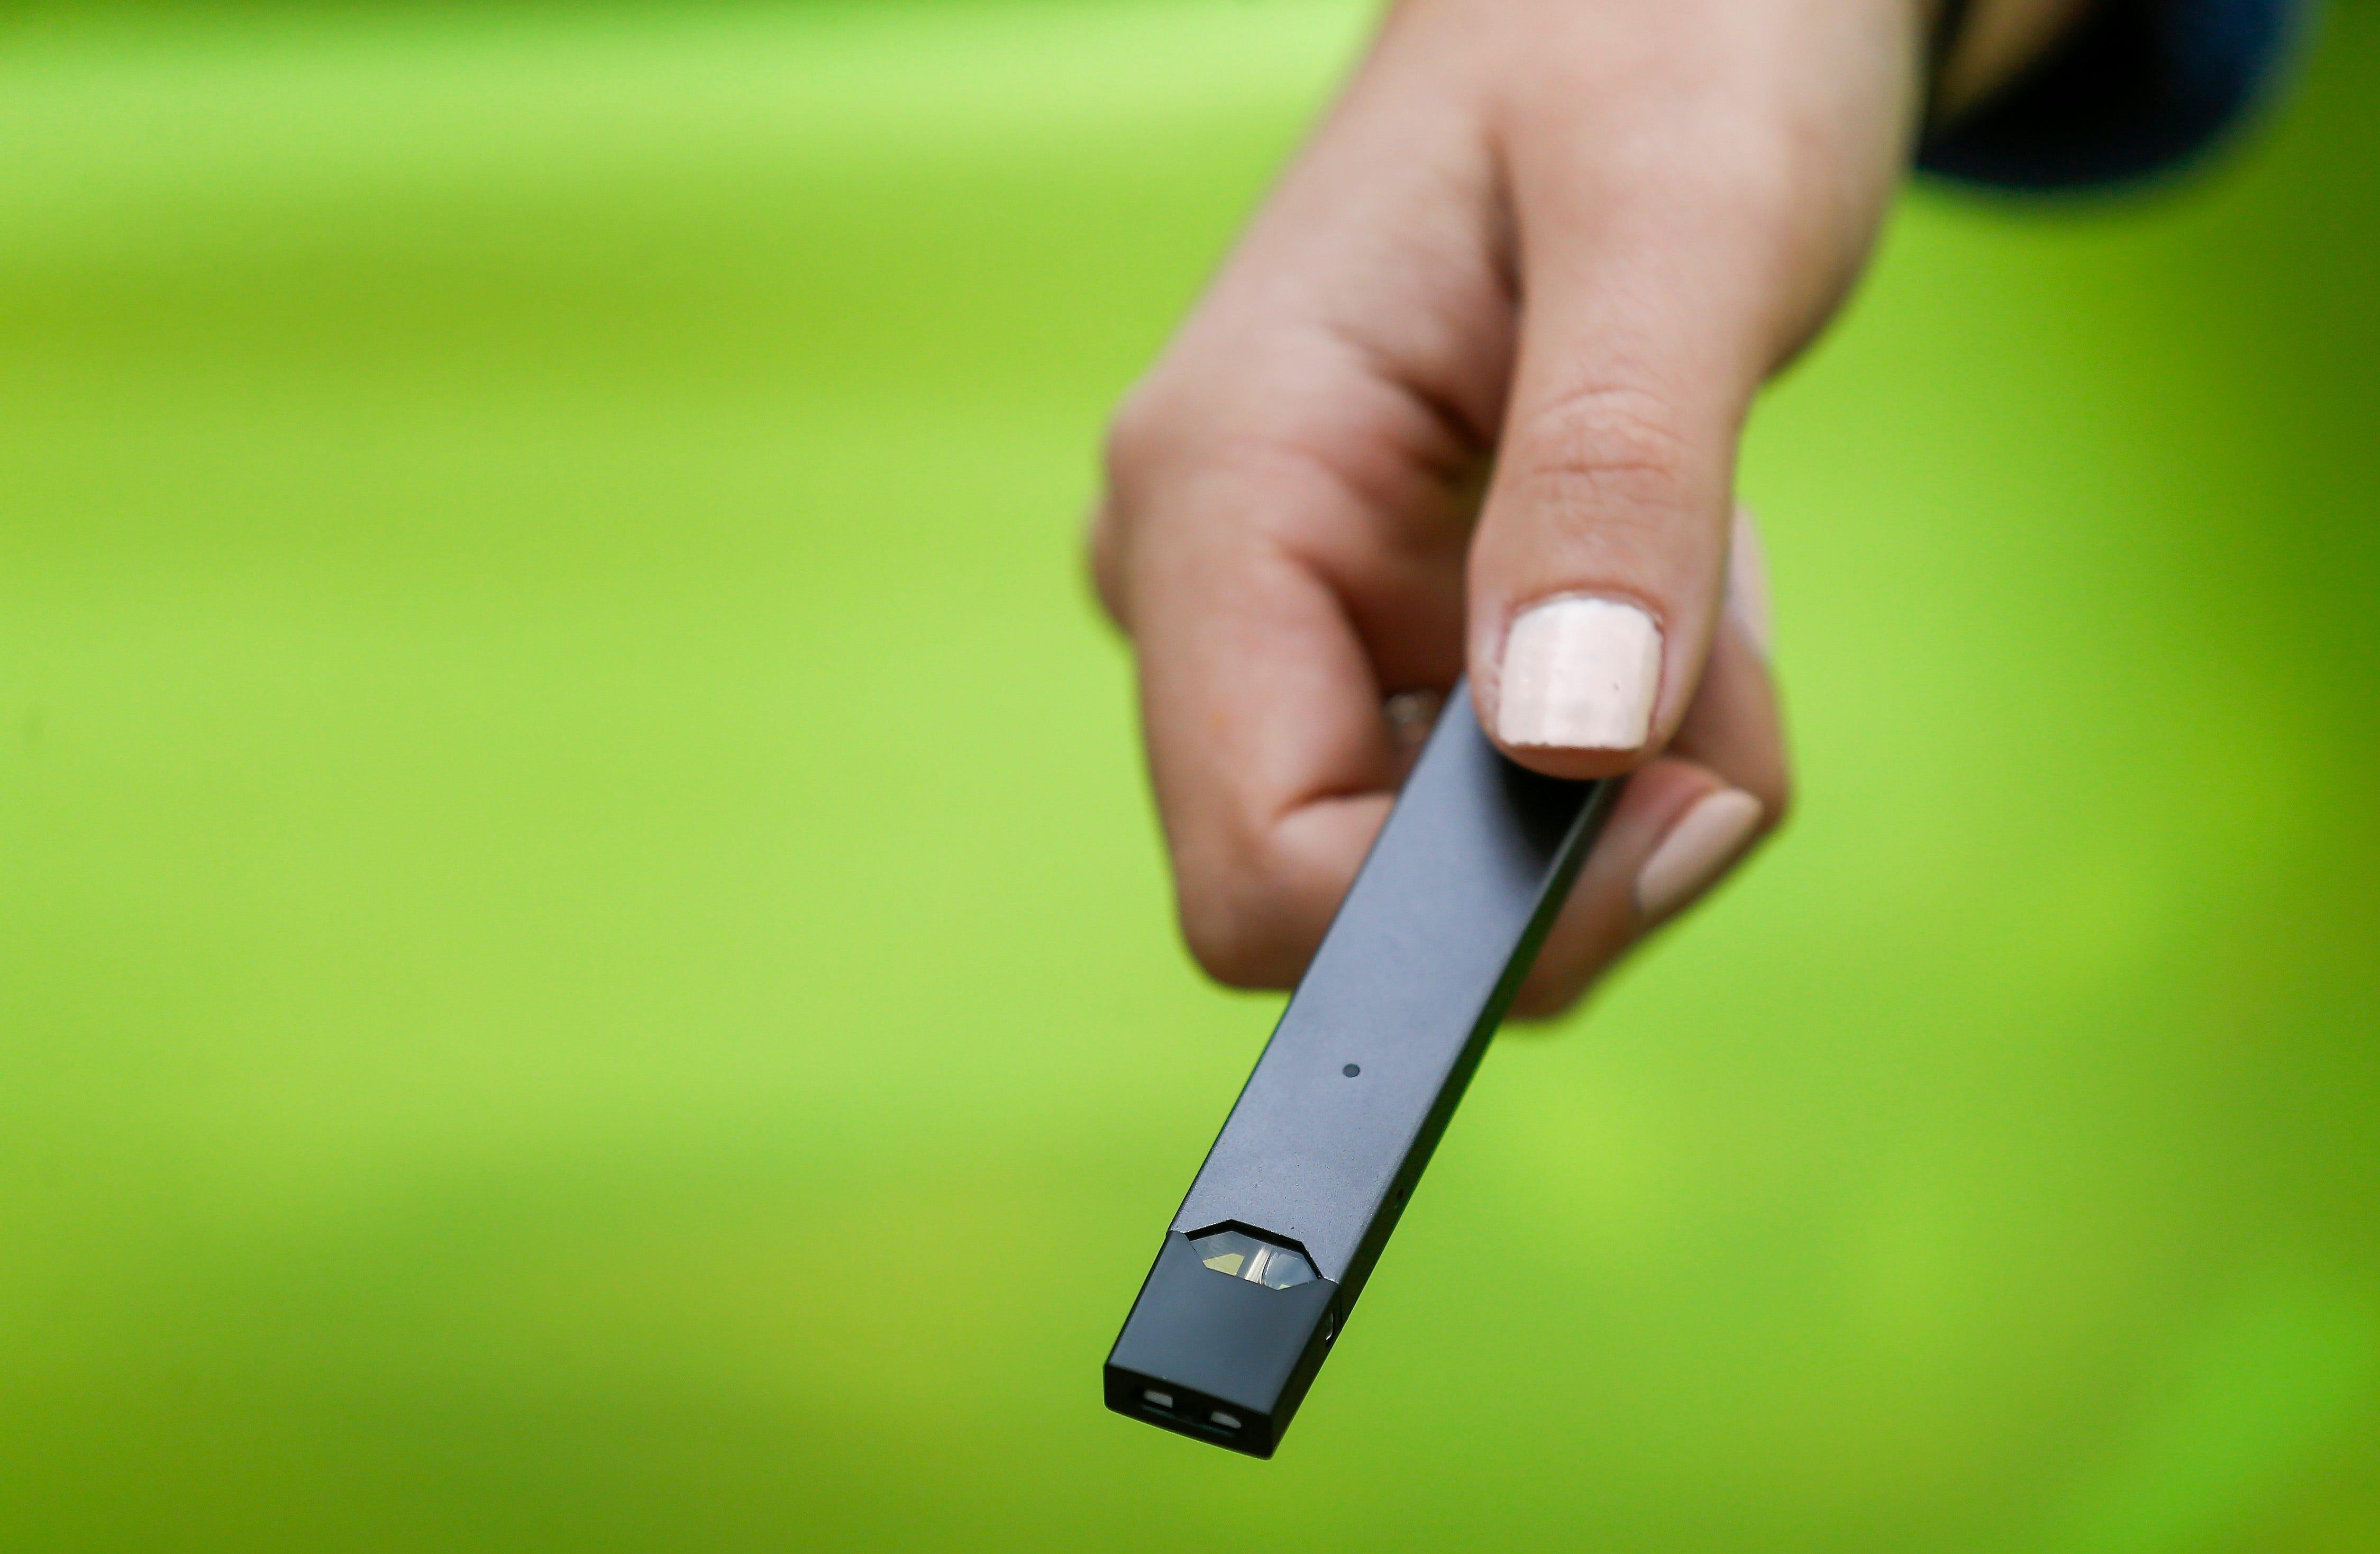 Juul MSU student e-cigarette